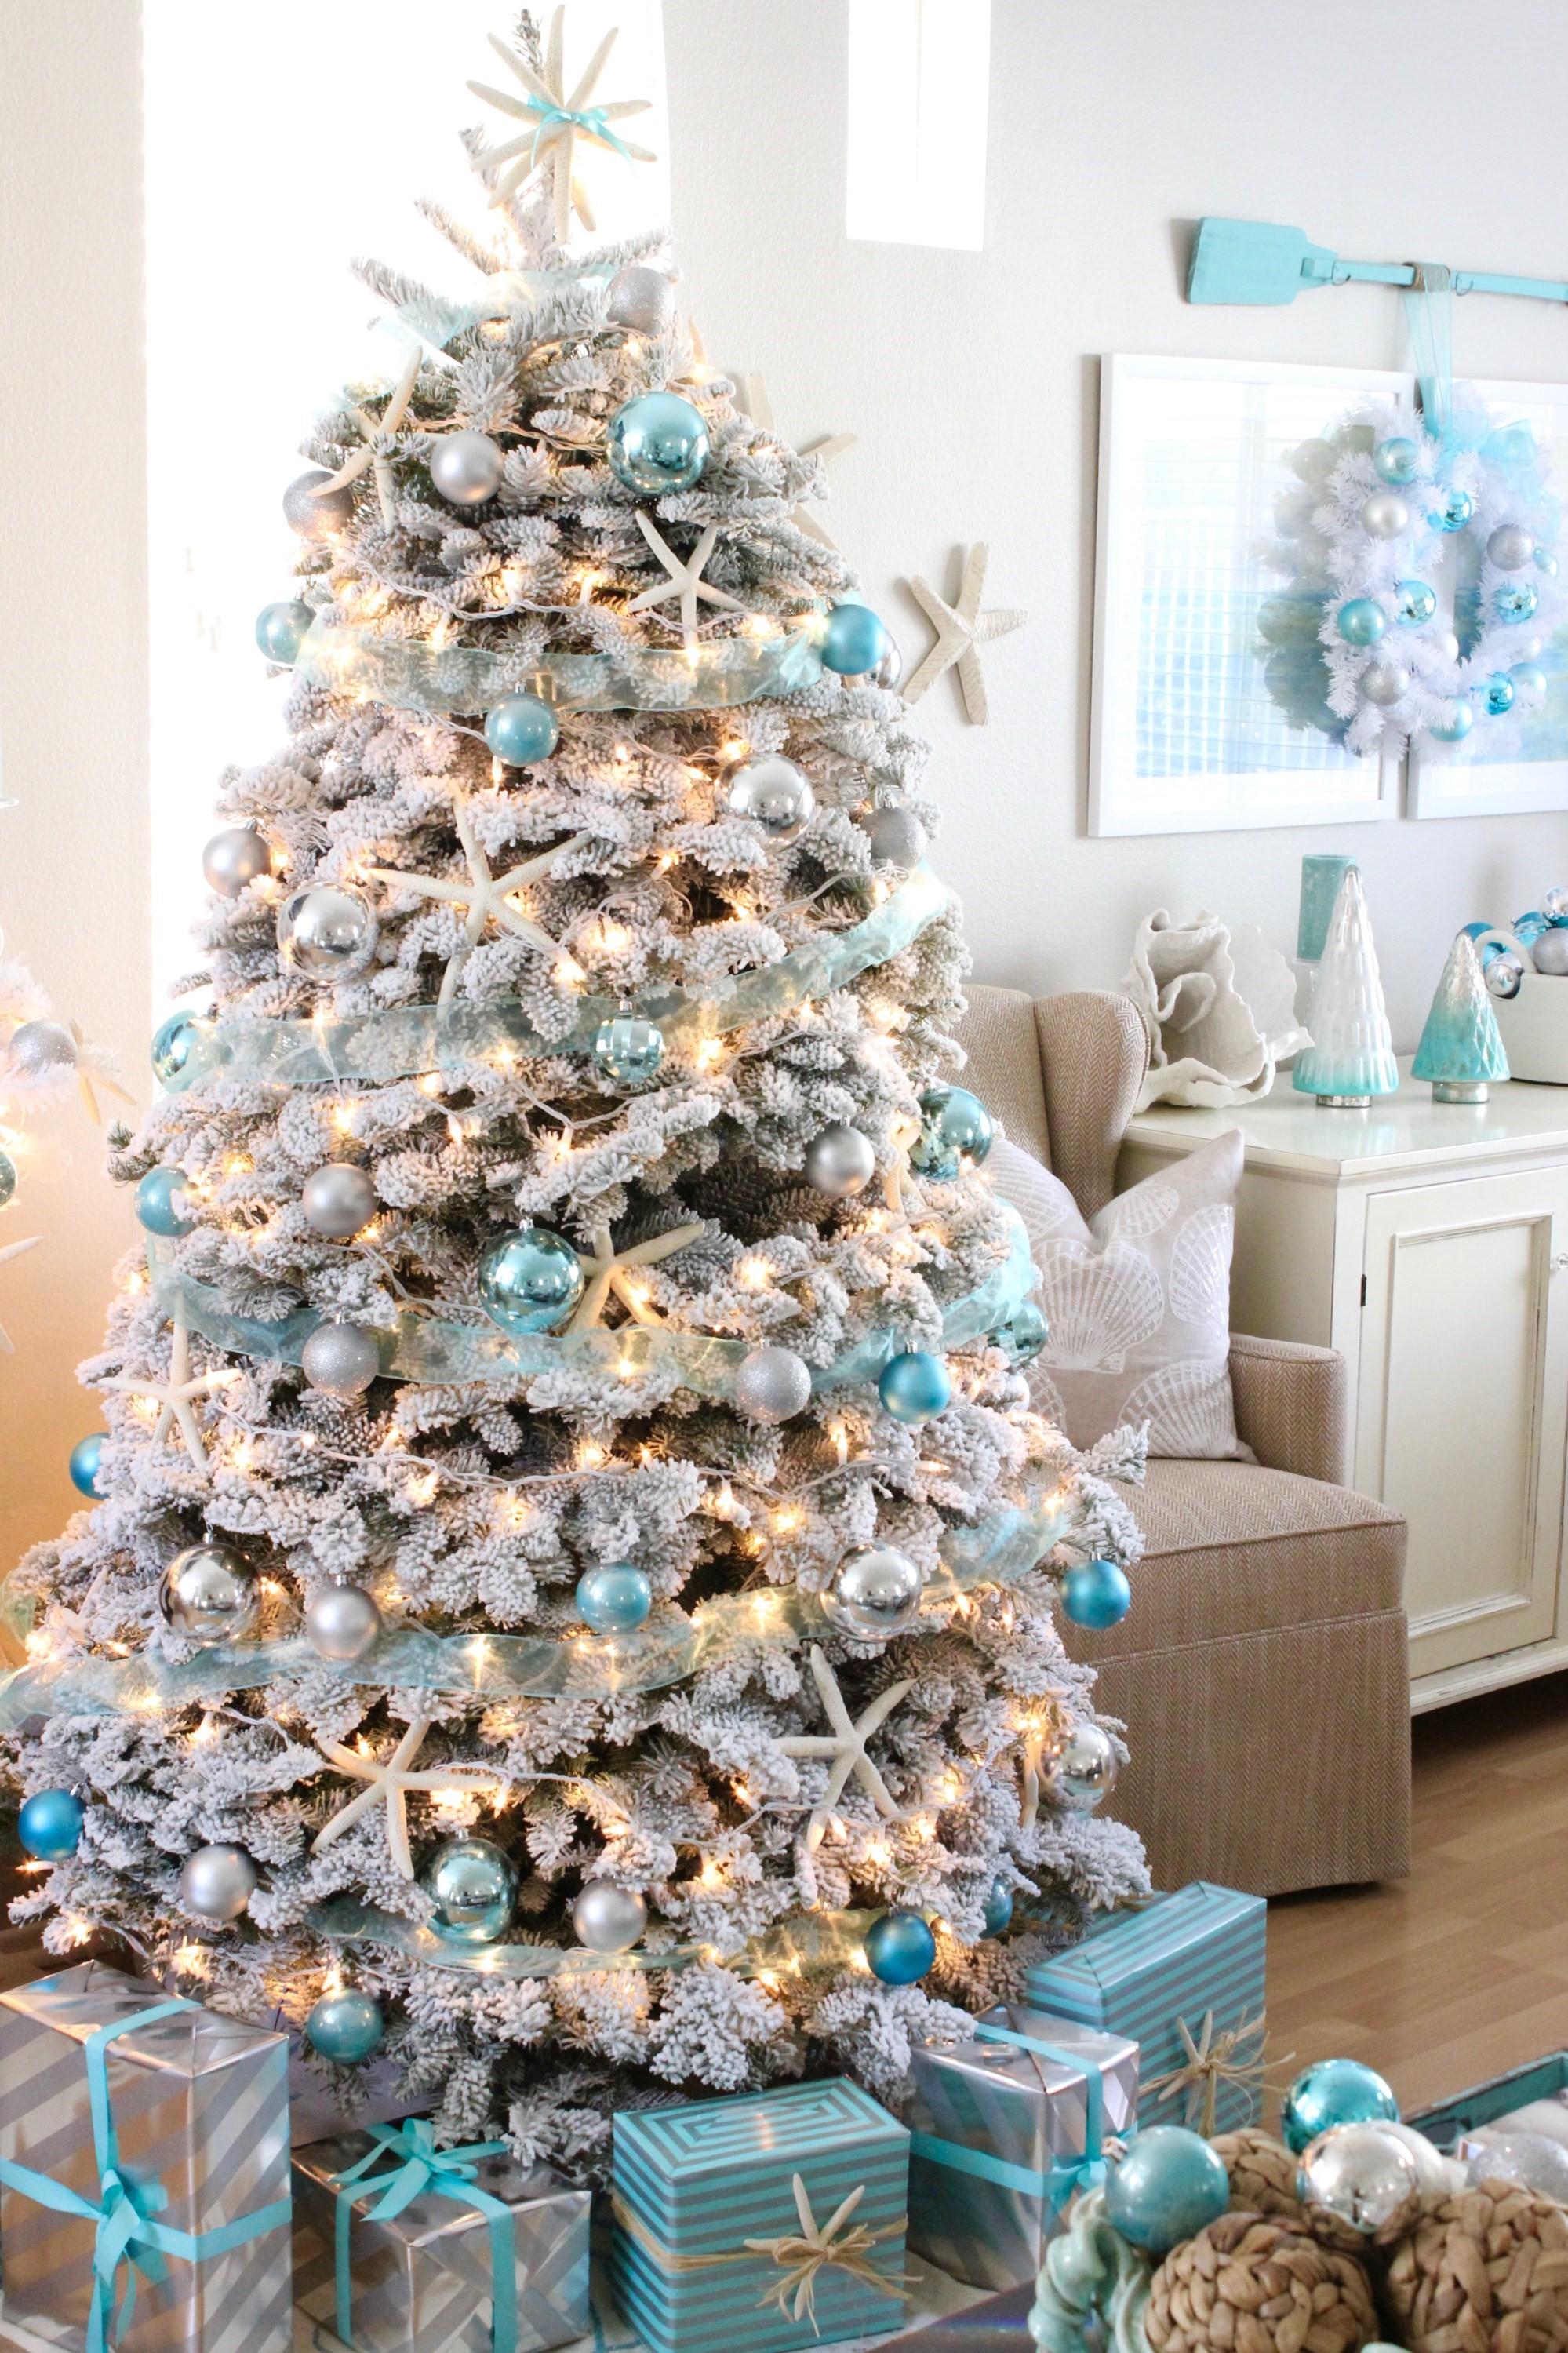 Votre sapin de Noël en blanc et bleu vous rappellera les journées d'été insouciantes!